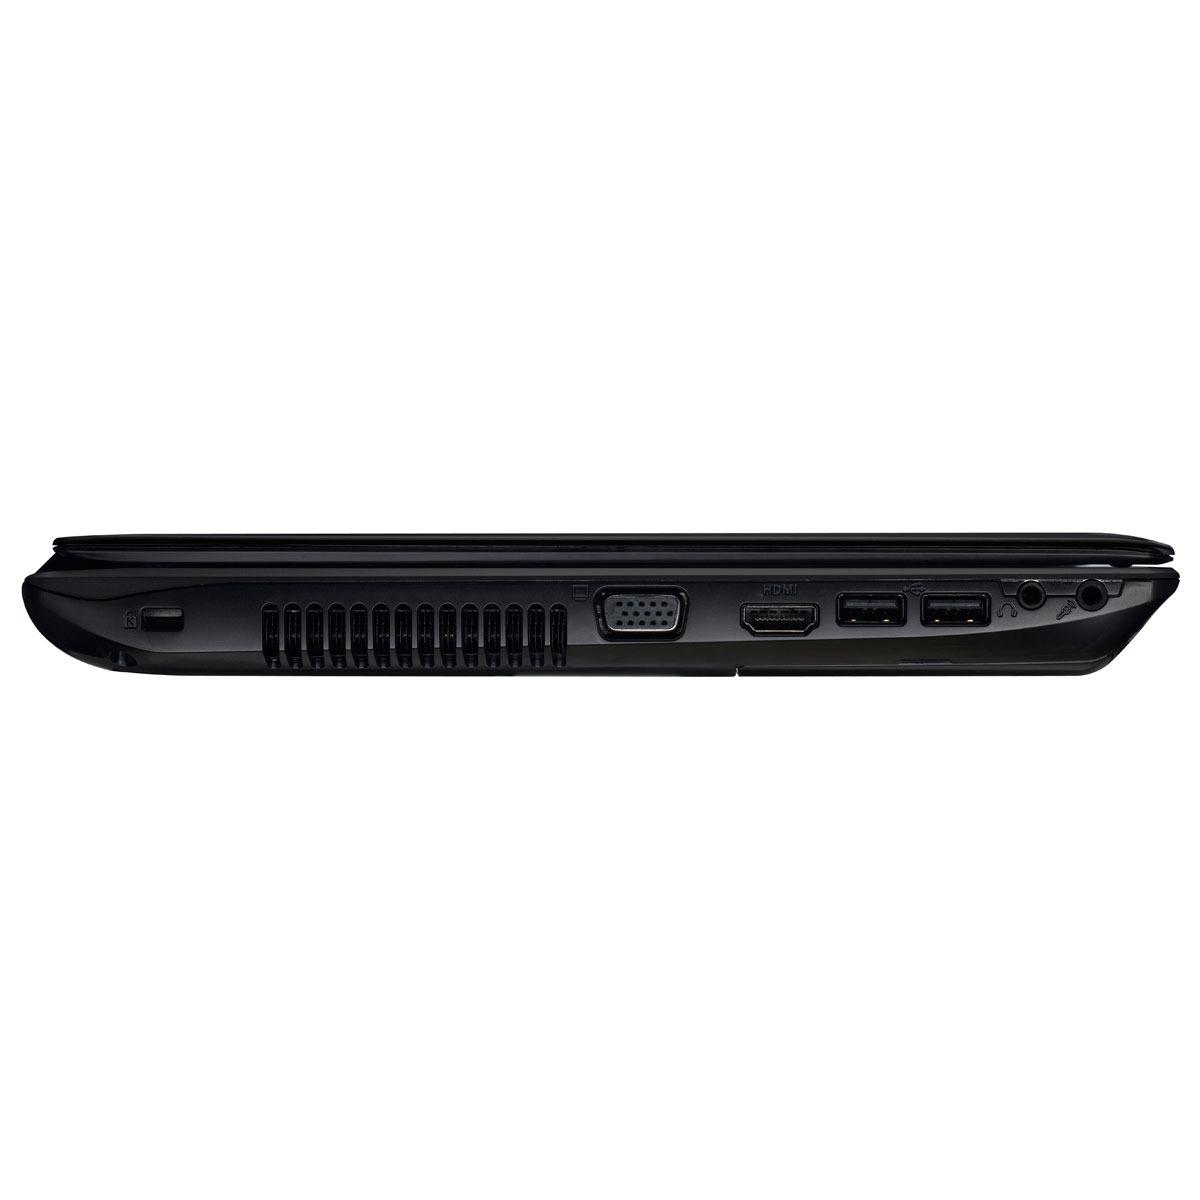 """PC portable ASUS U30Jc-QX151X ASUS U30Jc-QX151X - Intel Core i3-370M 4 Go 320 Go 13.3"""" LED NVIDIA GeForce 310M Graveur DVD Wi-Fi N/Bluetooth Webcam Windows 7 Professionnel 64 bits (garantie constructeur 2 ans)"""